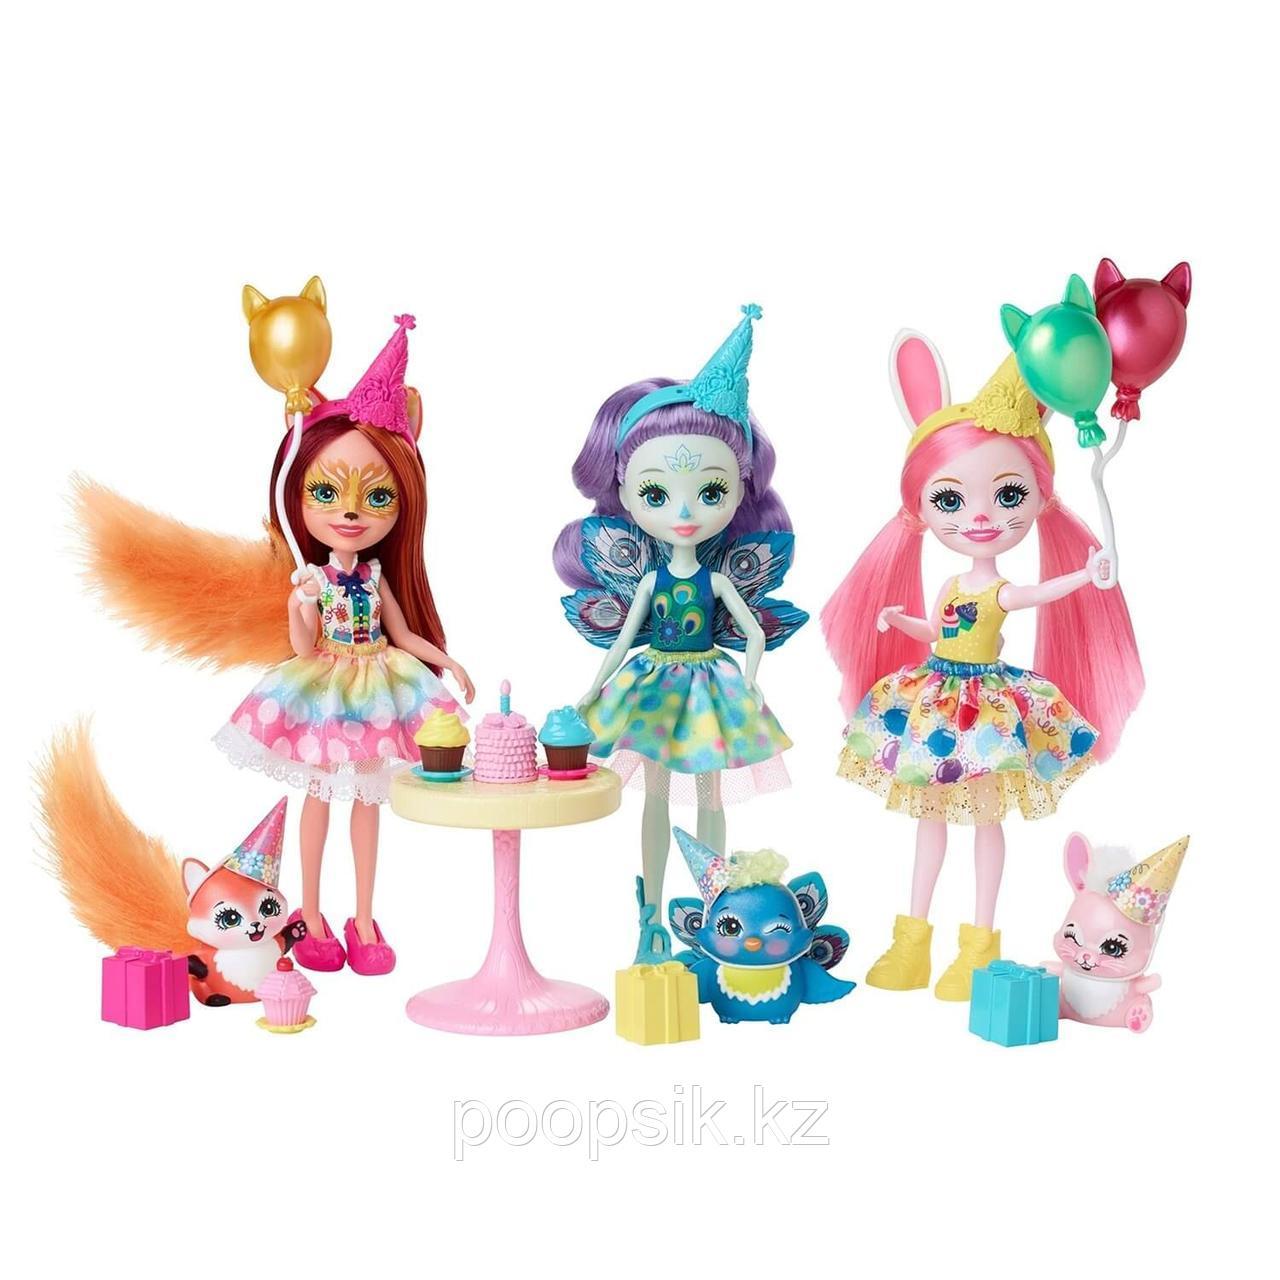 Enchantimals День рождения набор из трех кукол и их питомцев GJX22 - фото 4